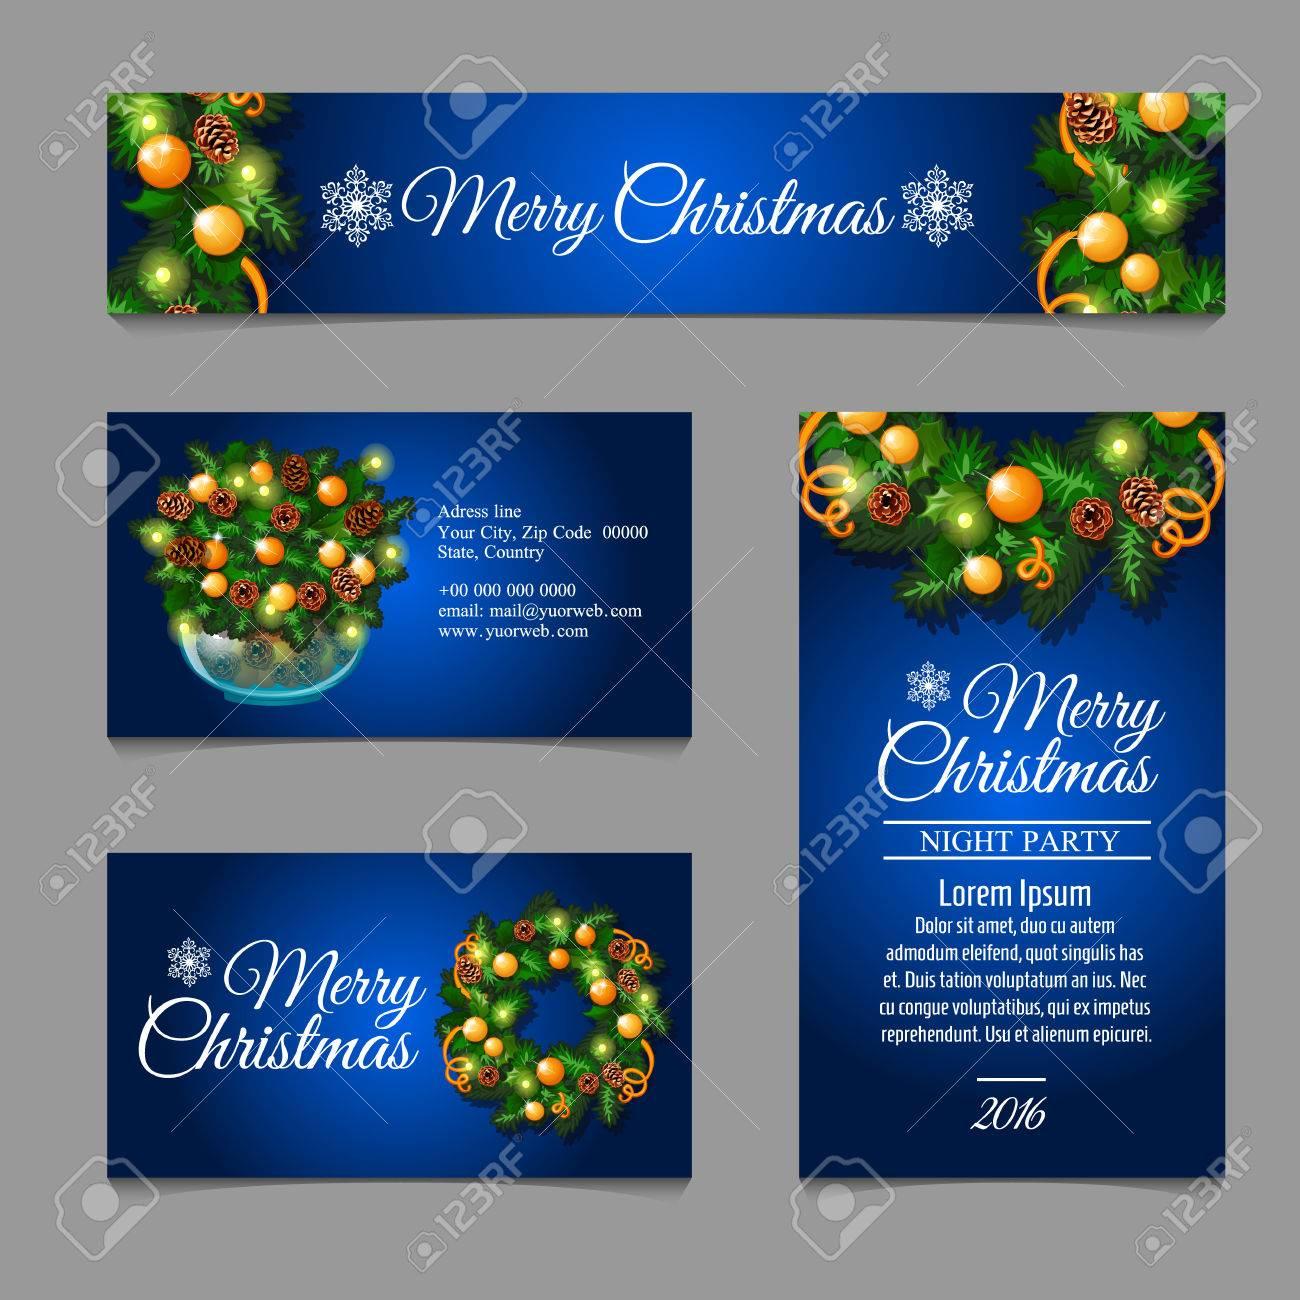 Quatre Carte De Visite Avec Dcoration Nol Sur Fond Bleu Fonc